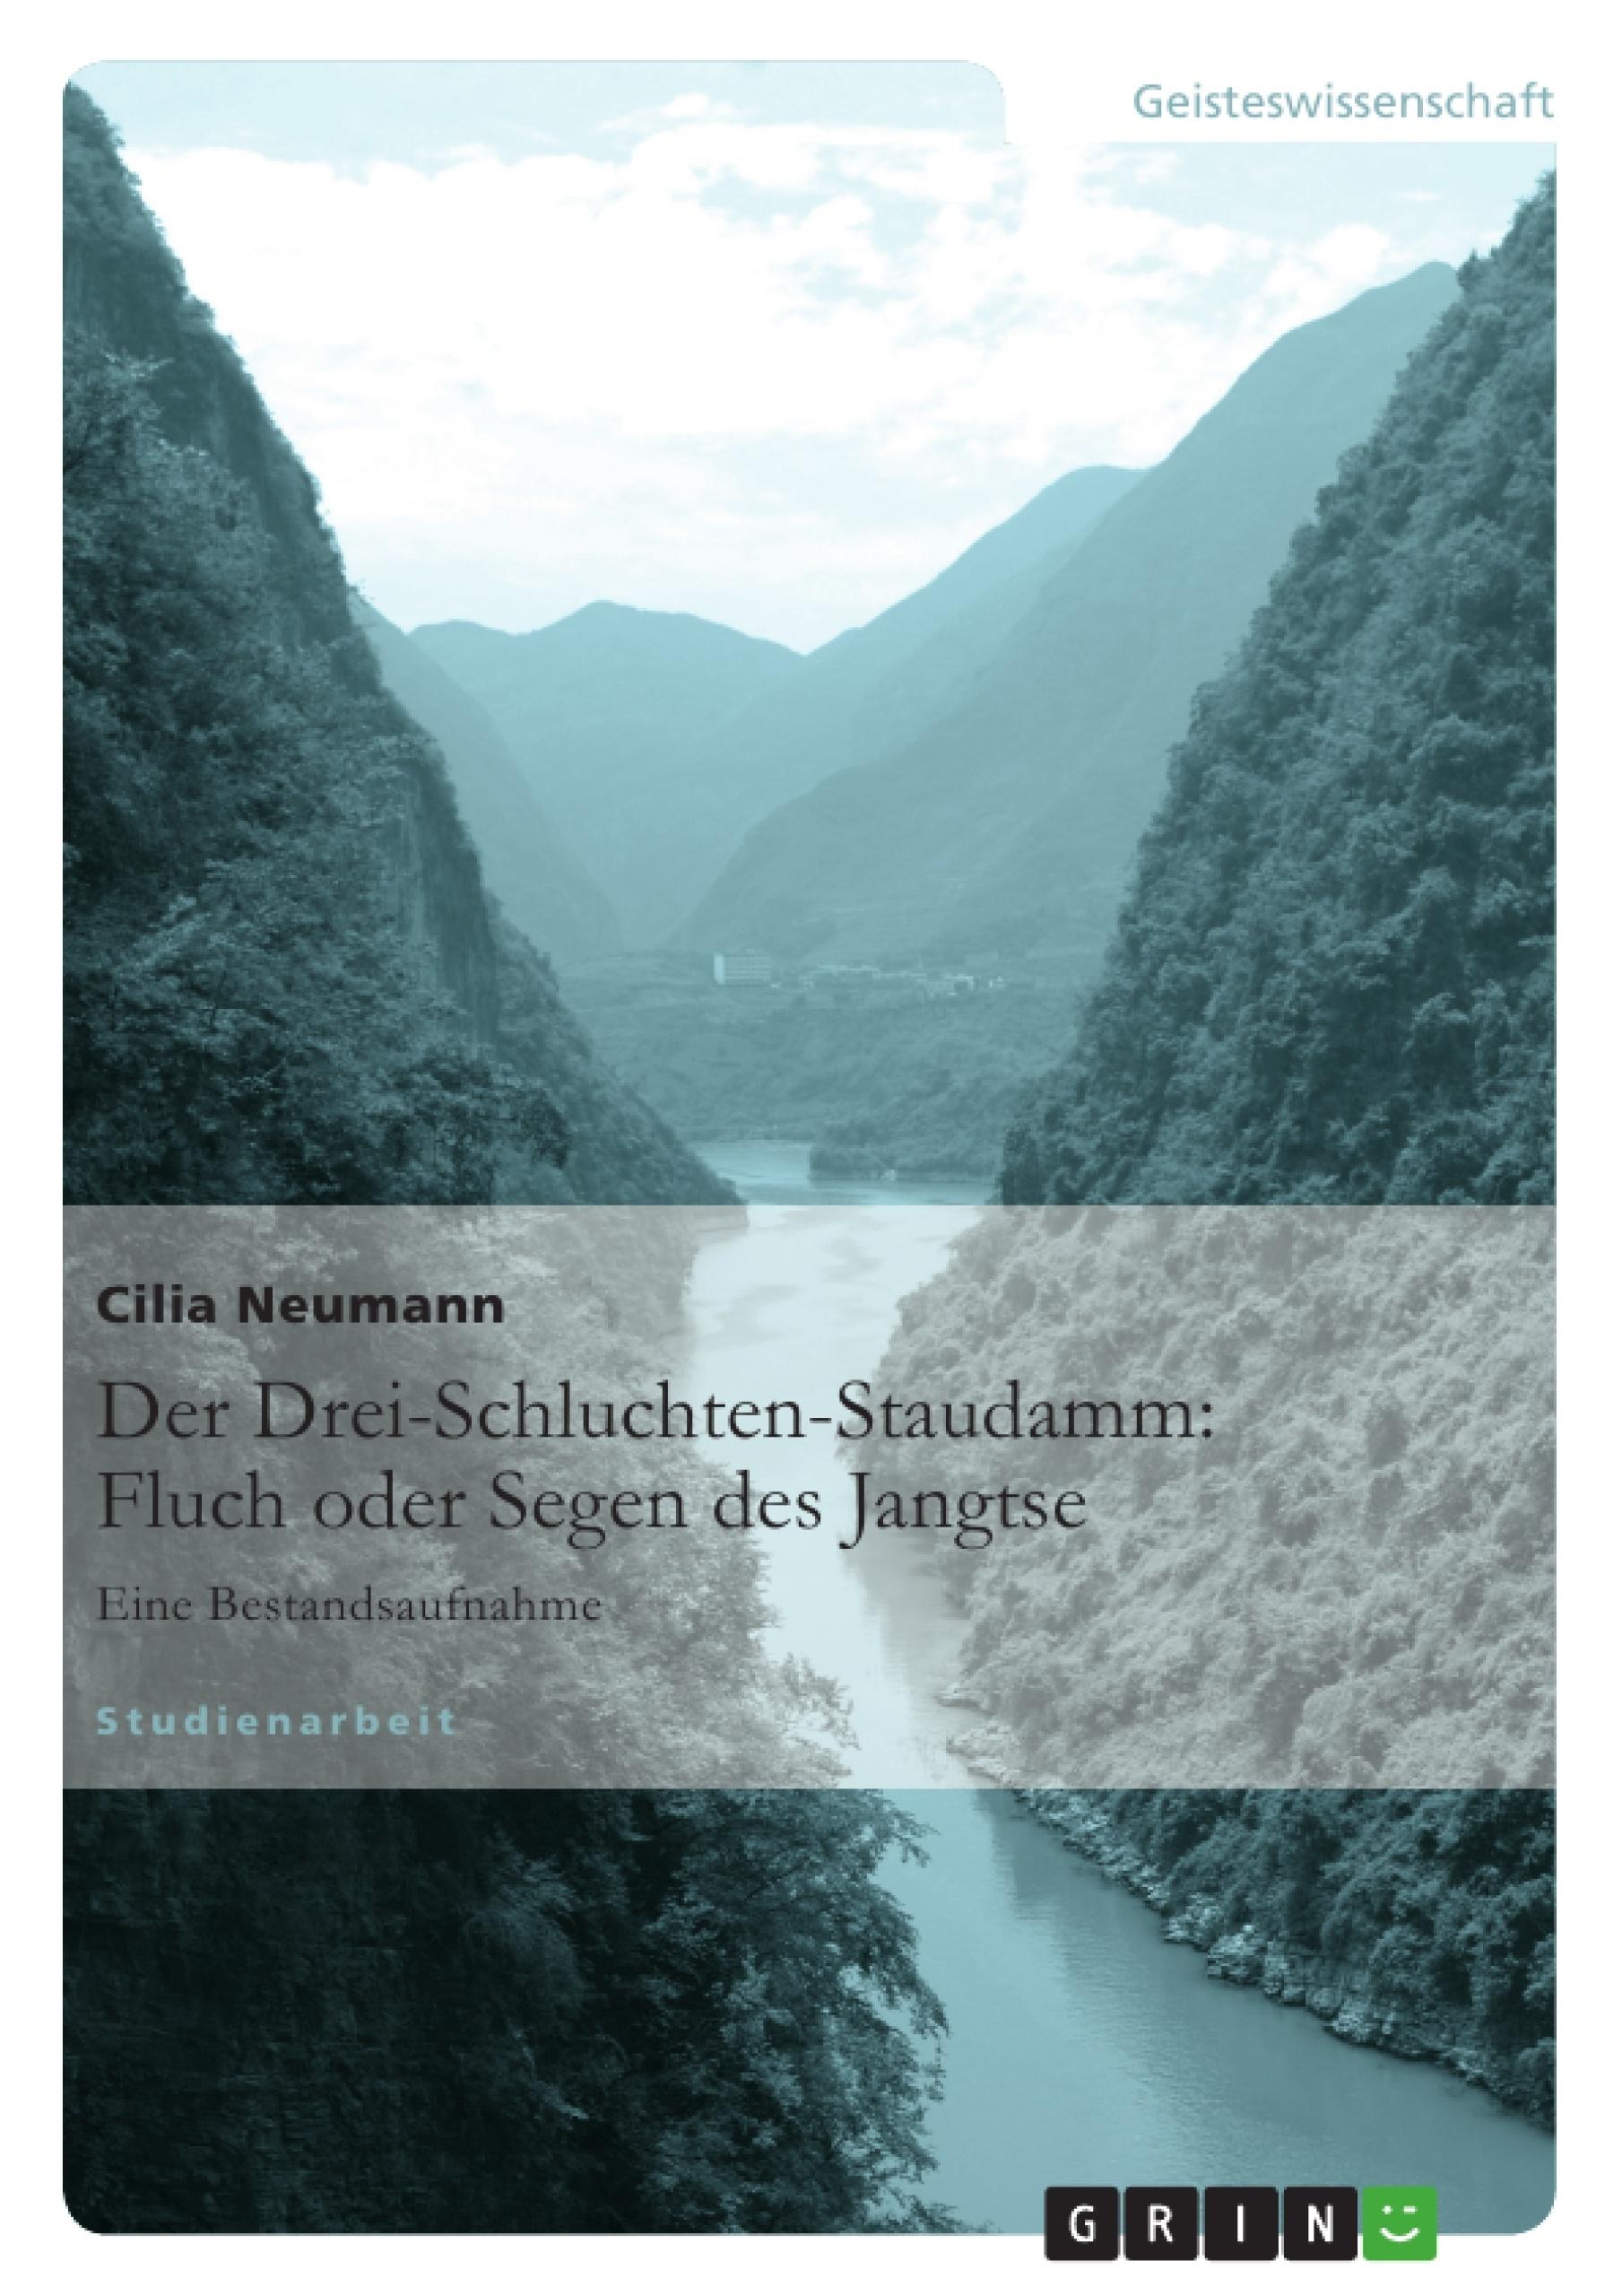 Titel: Der Drei-Schluchten-Staudamm: Fluch oder Segen des Jangtse